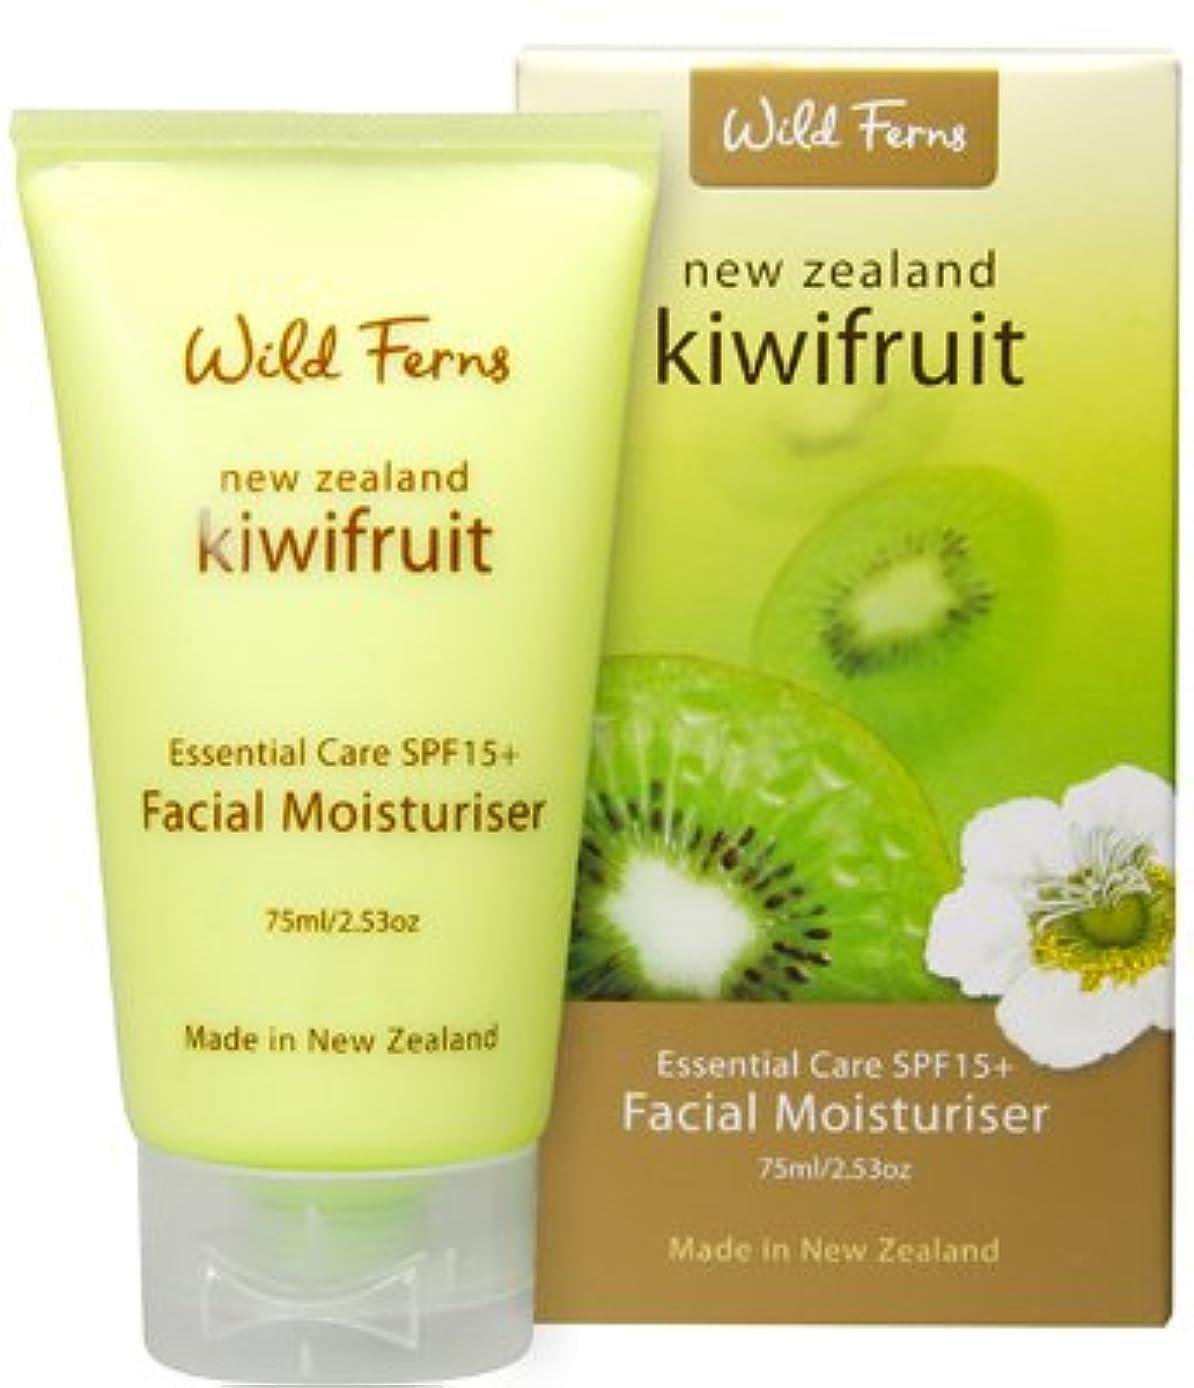 アクセル限り独立してキーウィフルーツ エッセンシャルケアSPF15+ フェイシャル保湿剤 (ニュージーランド限定品)